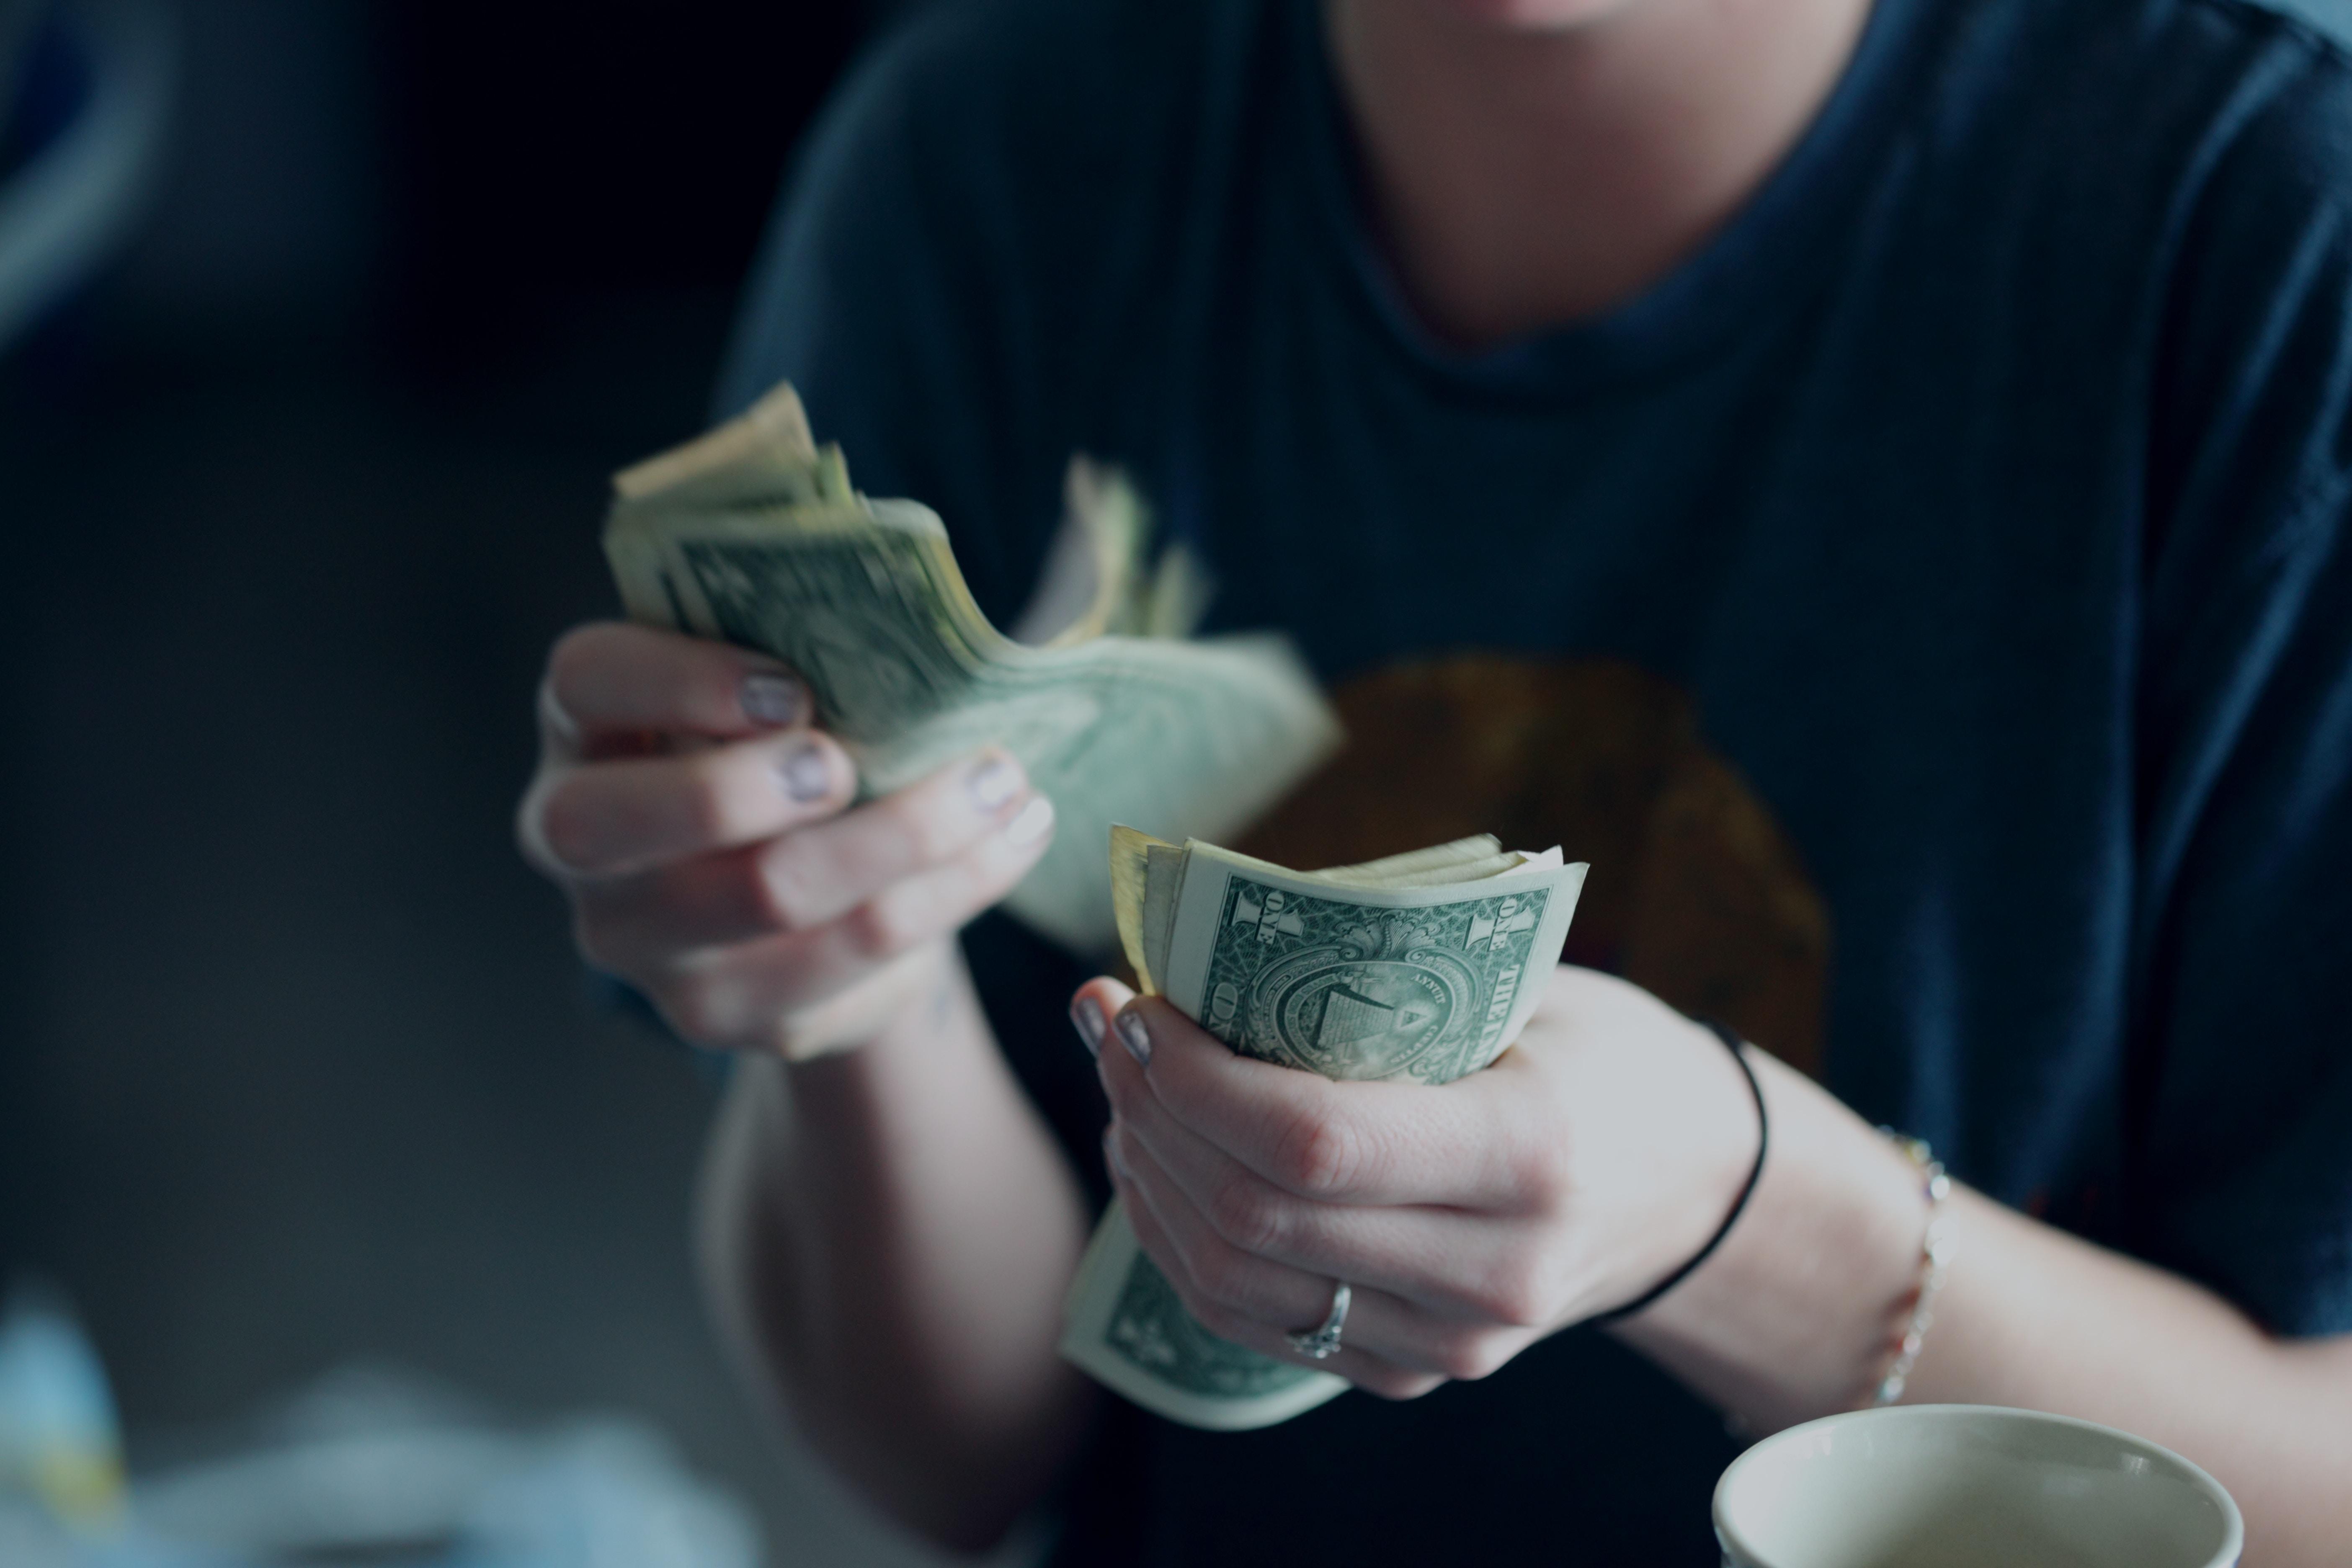 cum să faci bani trăind în casa ta